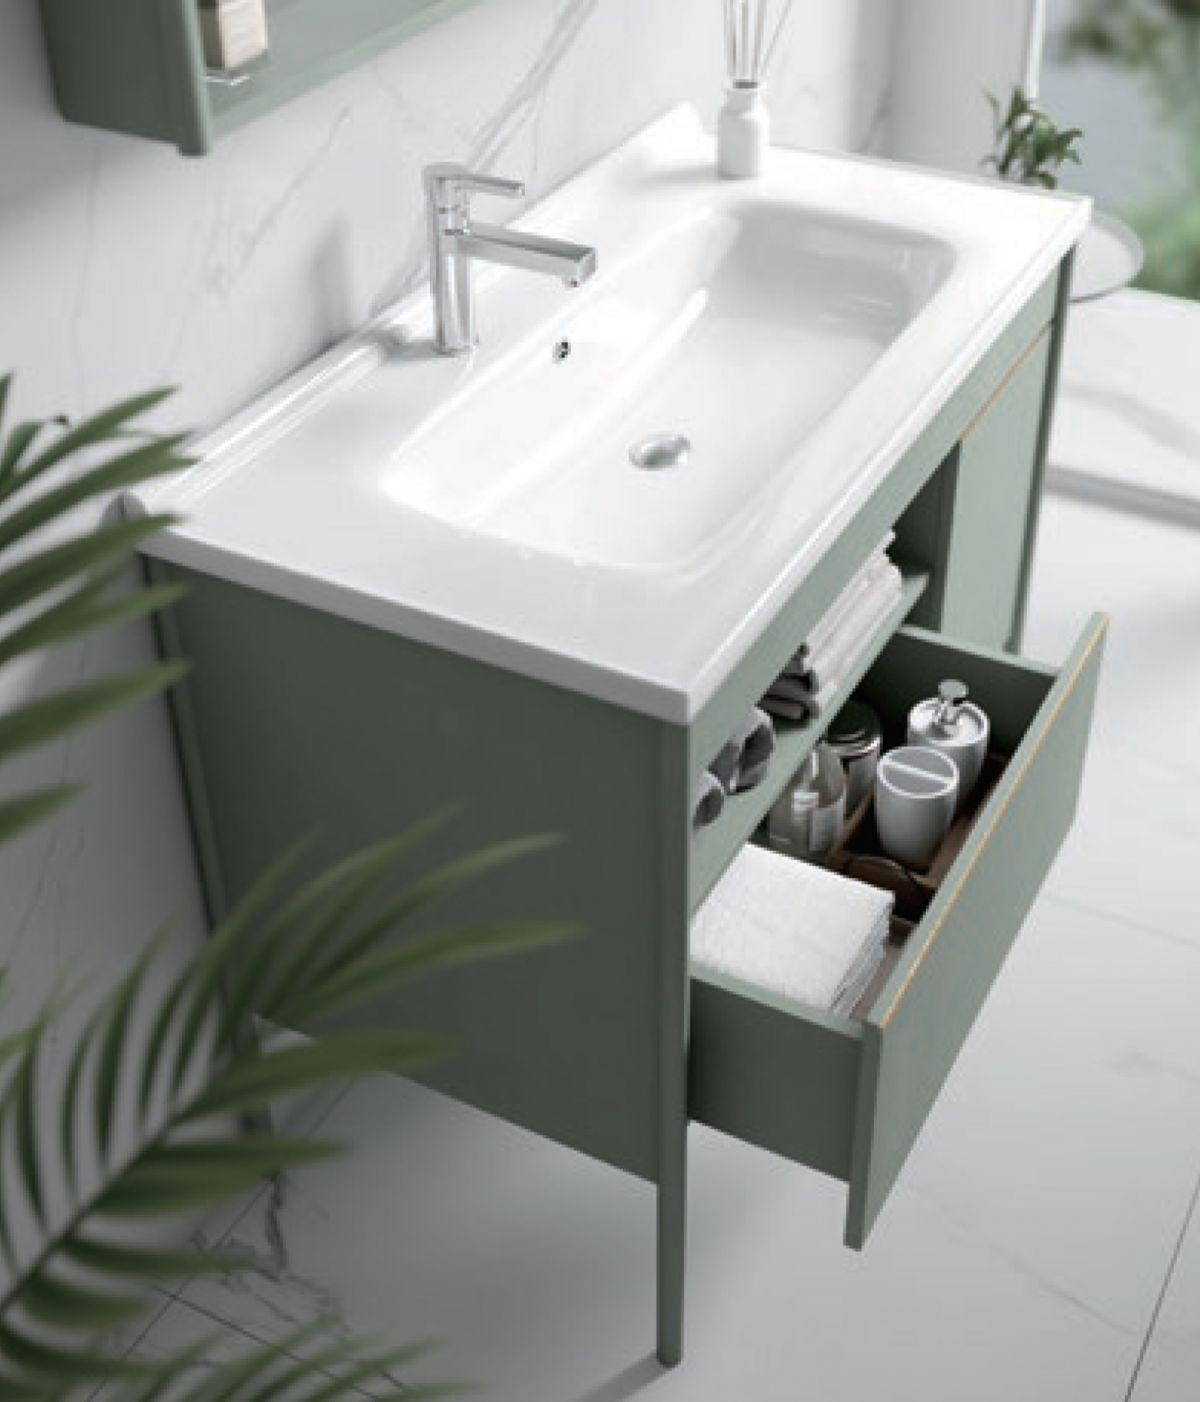 Mobile bagno riga2 Mobile bagno Riga a terra da 80 verde acqua con lavabo specchio e pensile